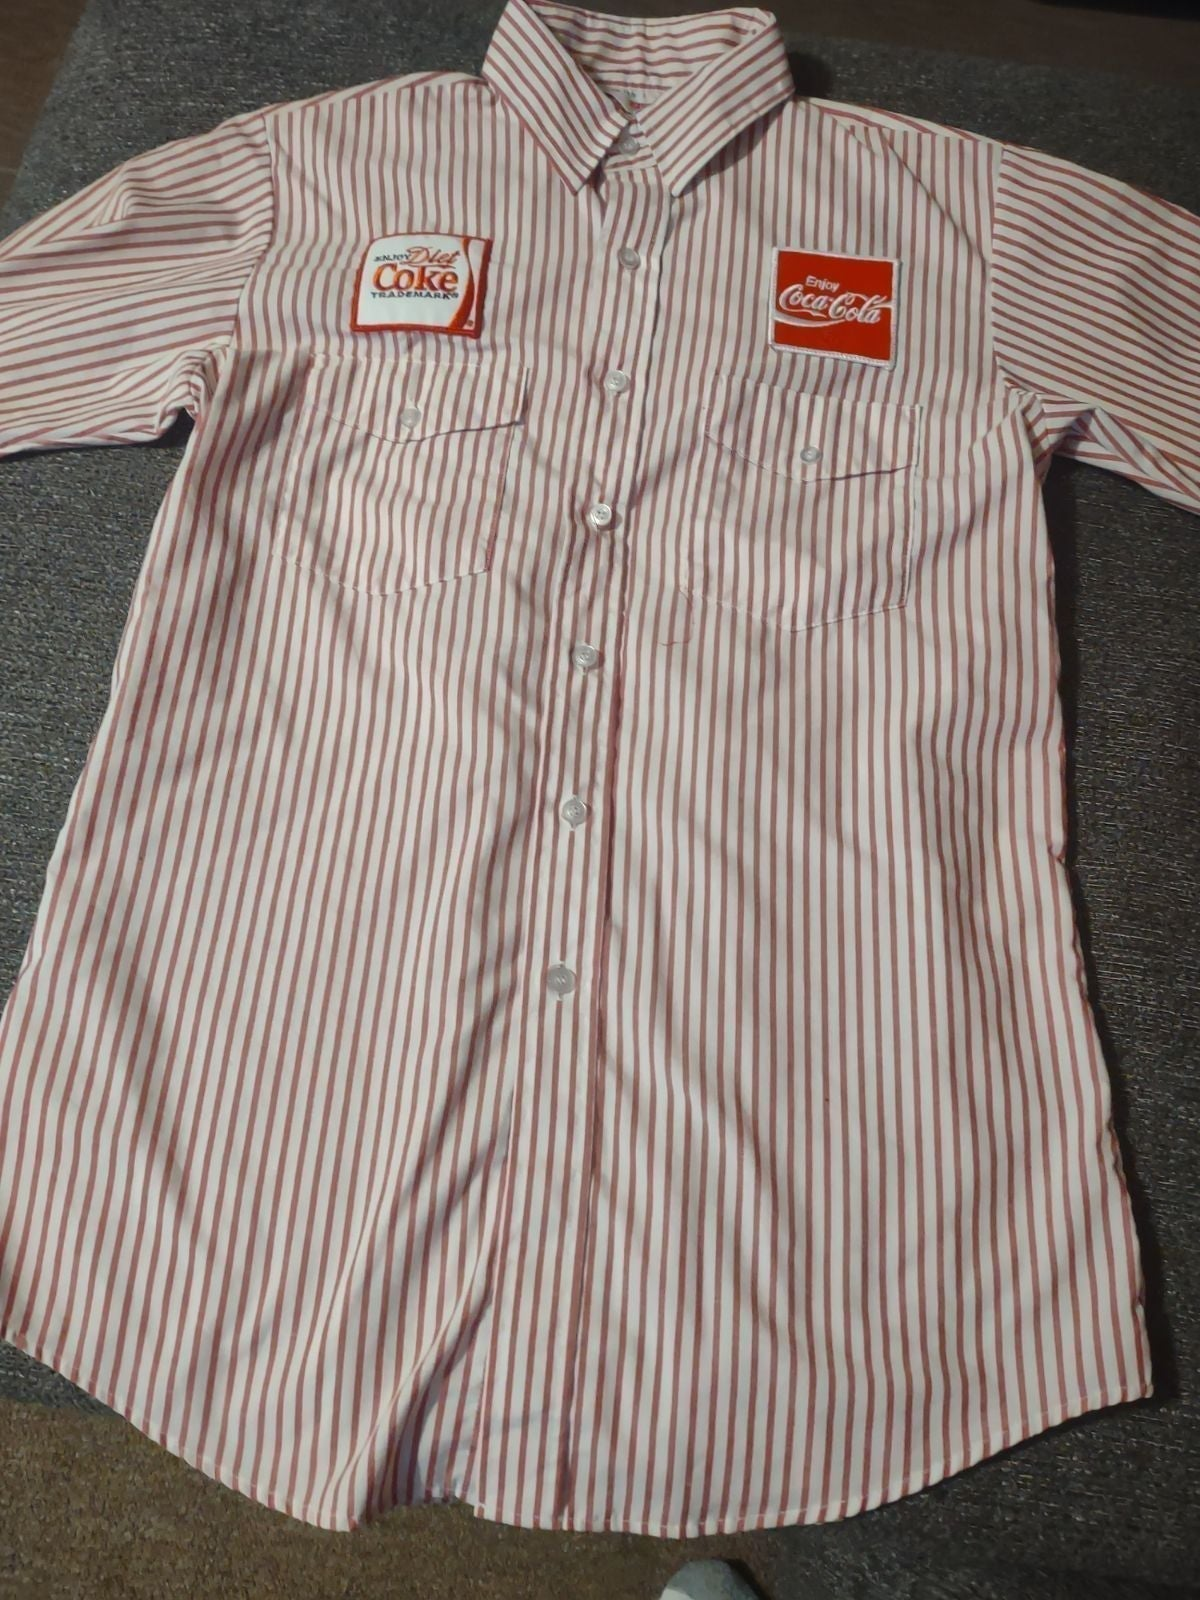 Original coca cola shirt